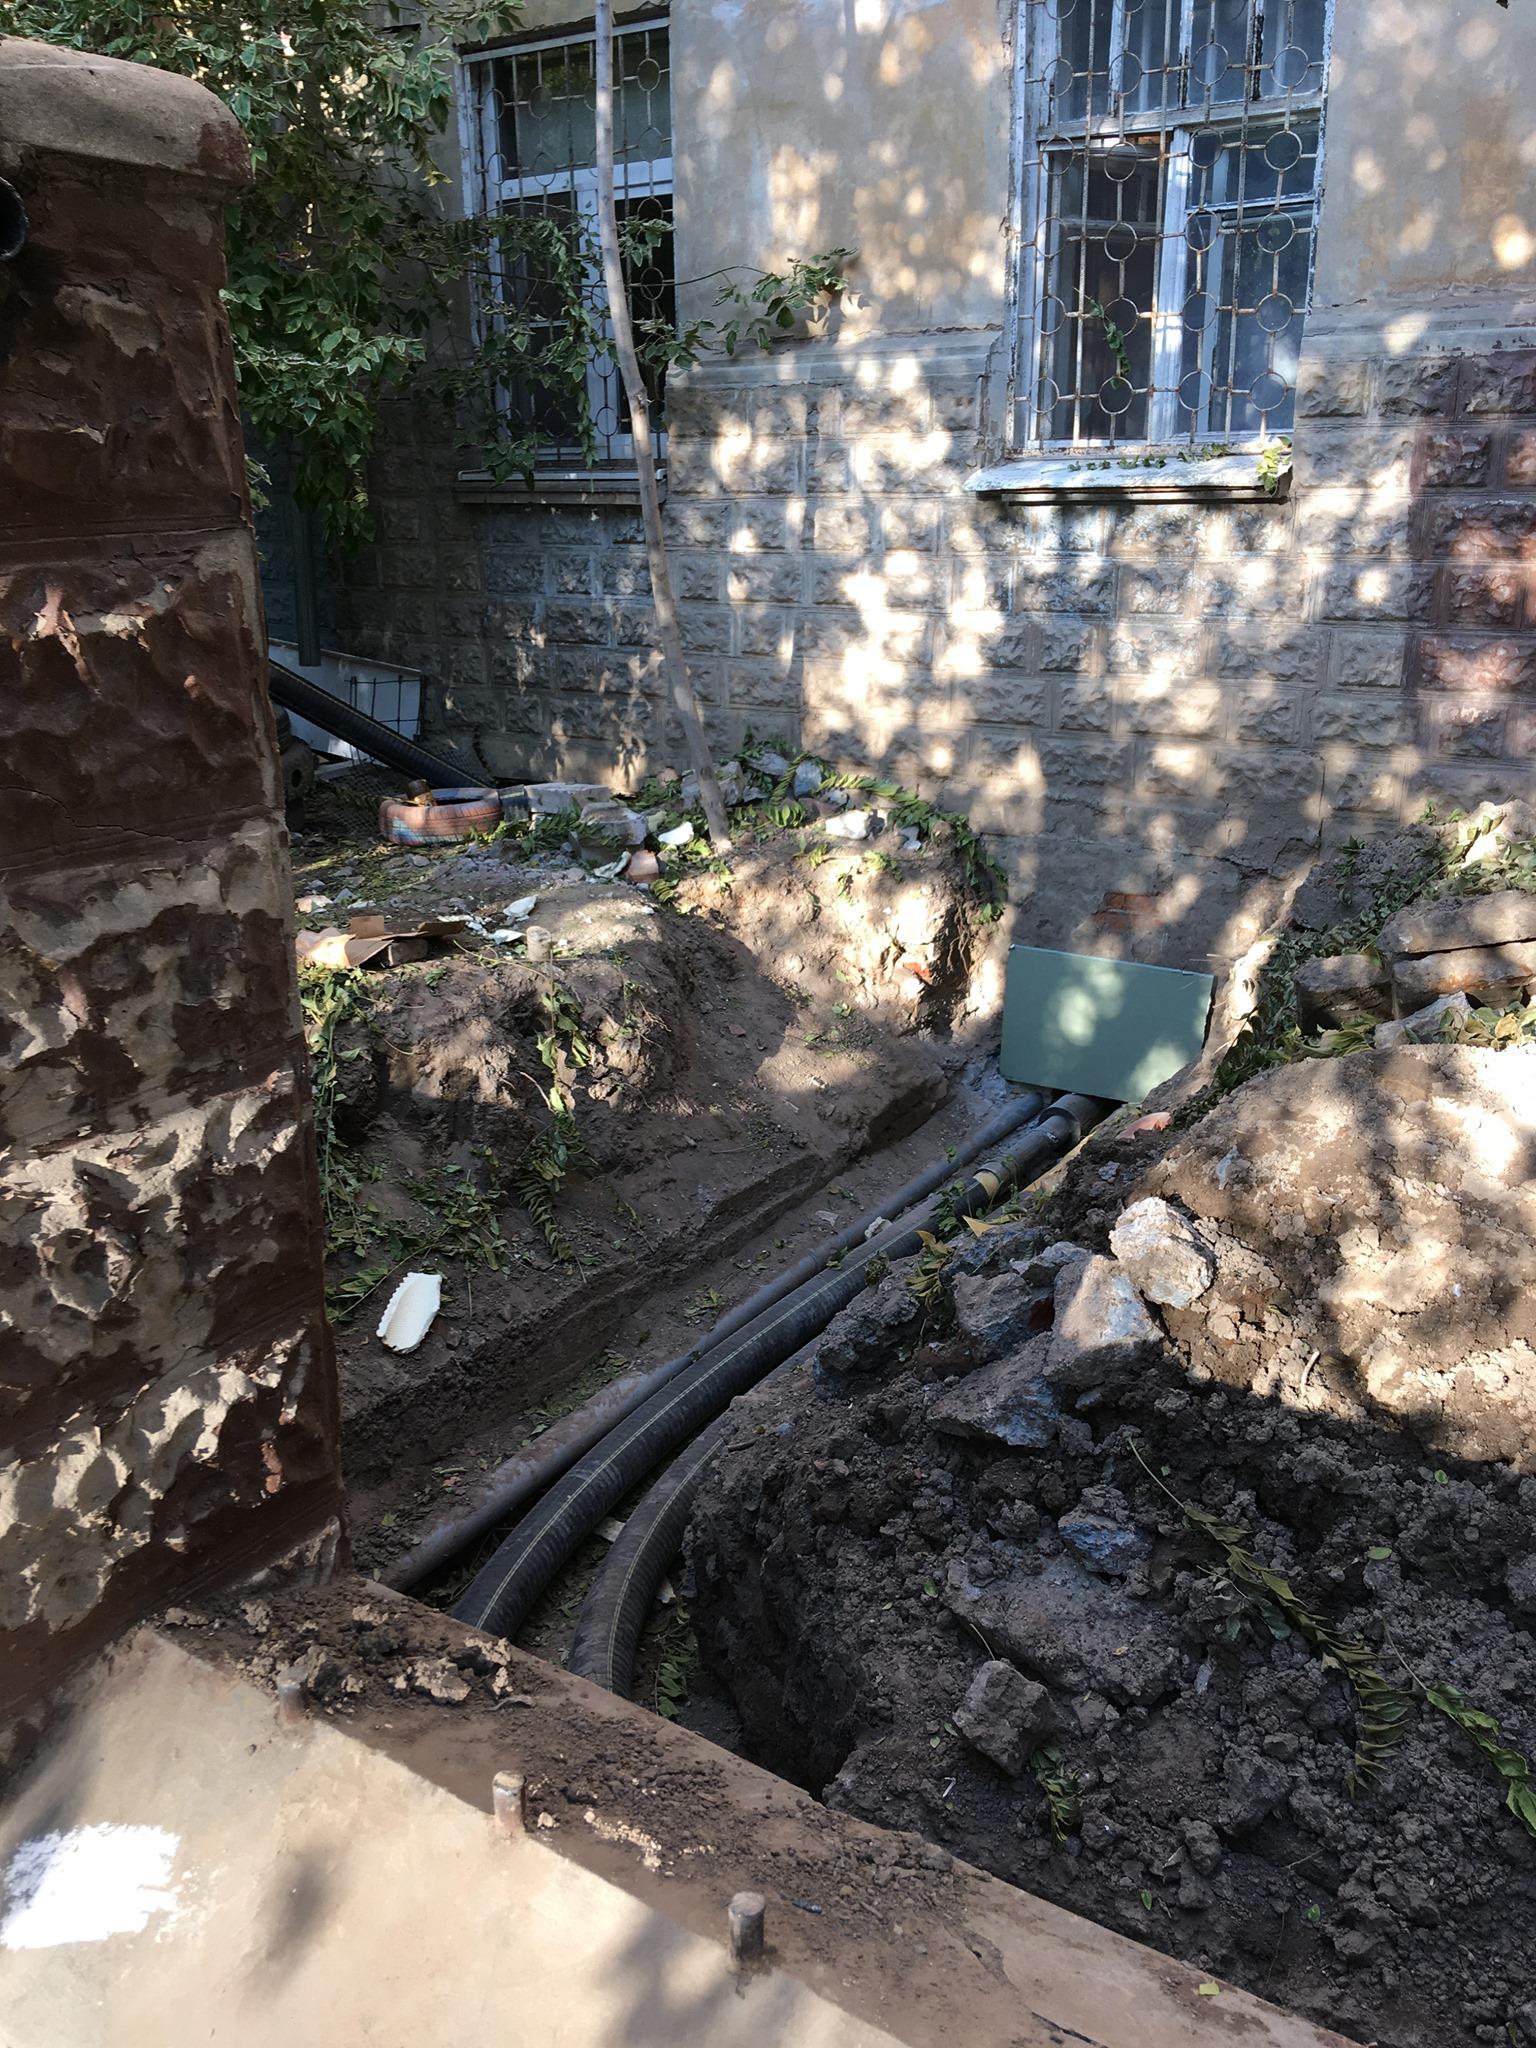 дом 3 Знаменитый «бутылочный» дом в Астрахани с подачи коммунальщиков лишился старинной решетки